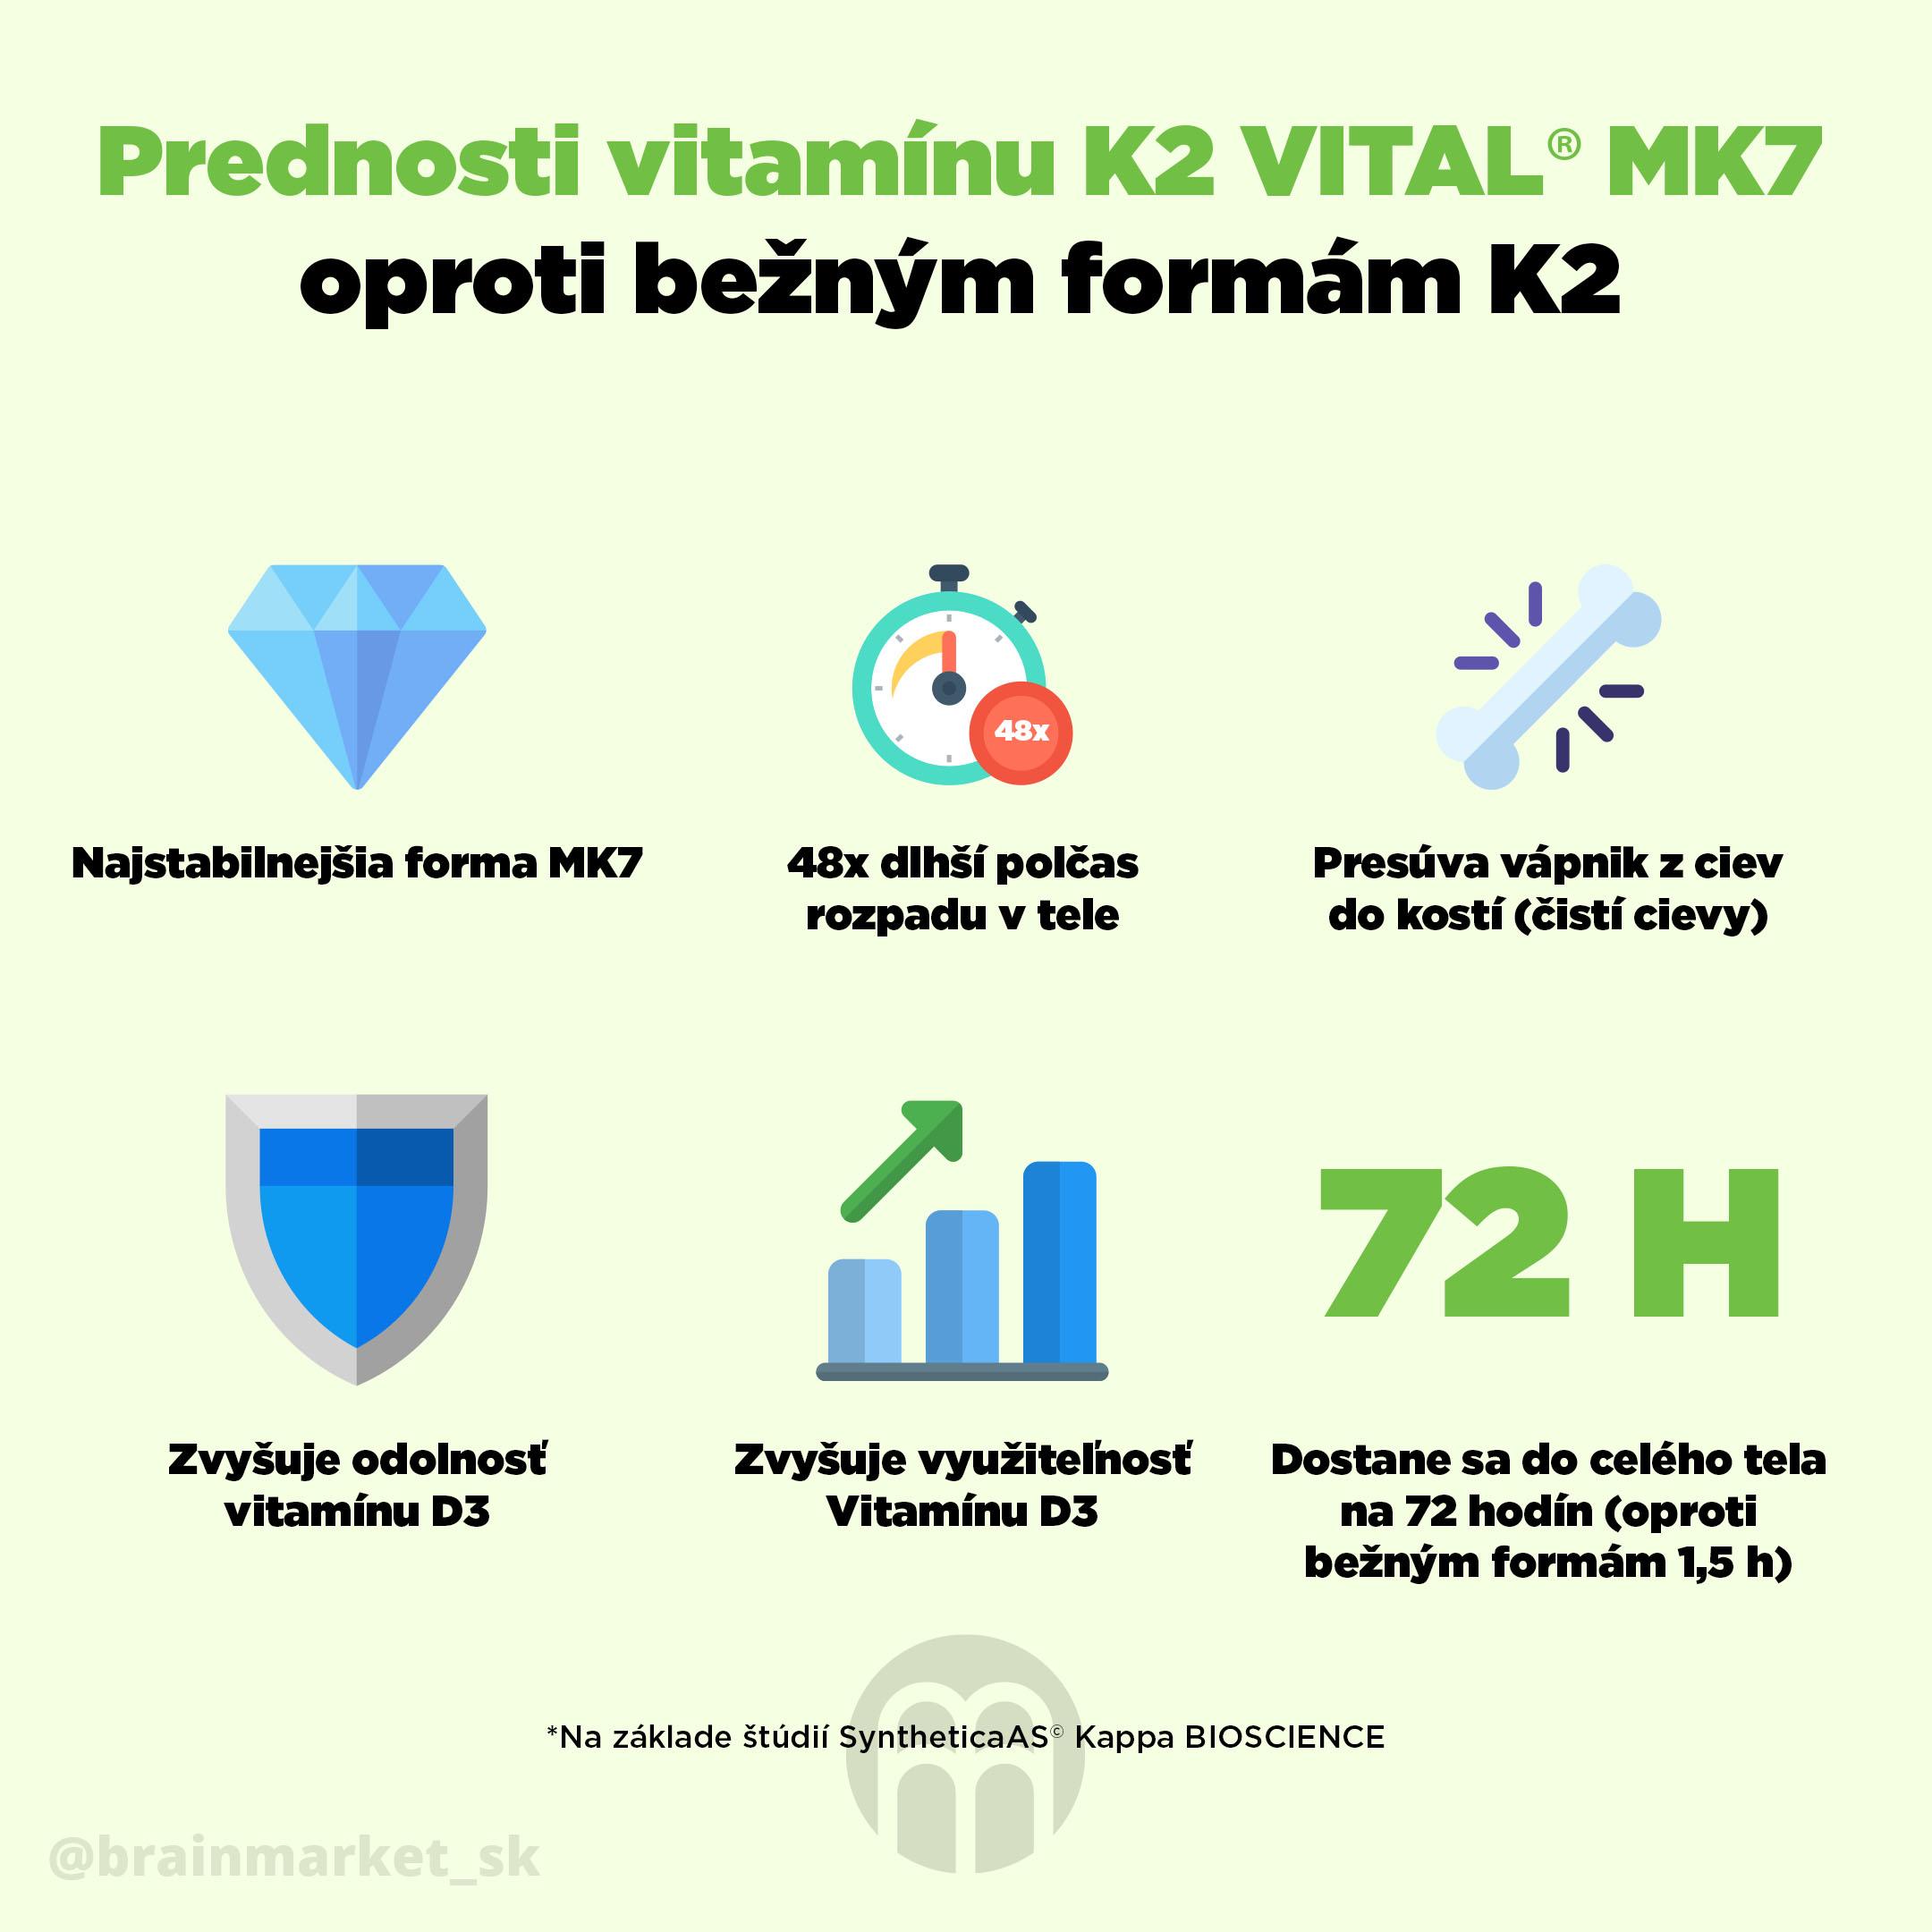 prednosti_vitaminu_K2_vital_infografika_brainmarket_SK